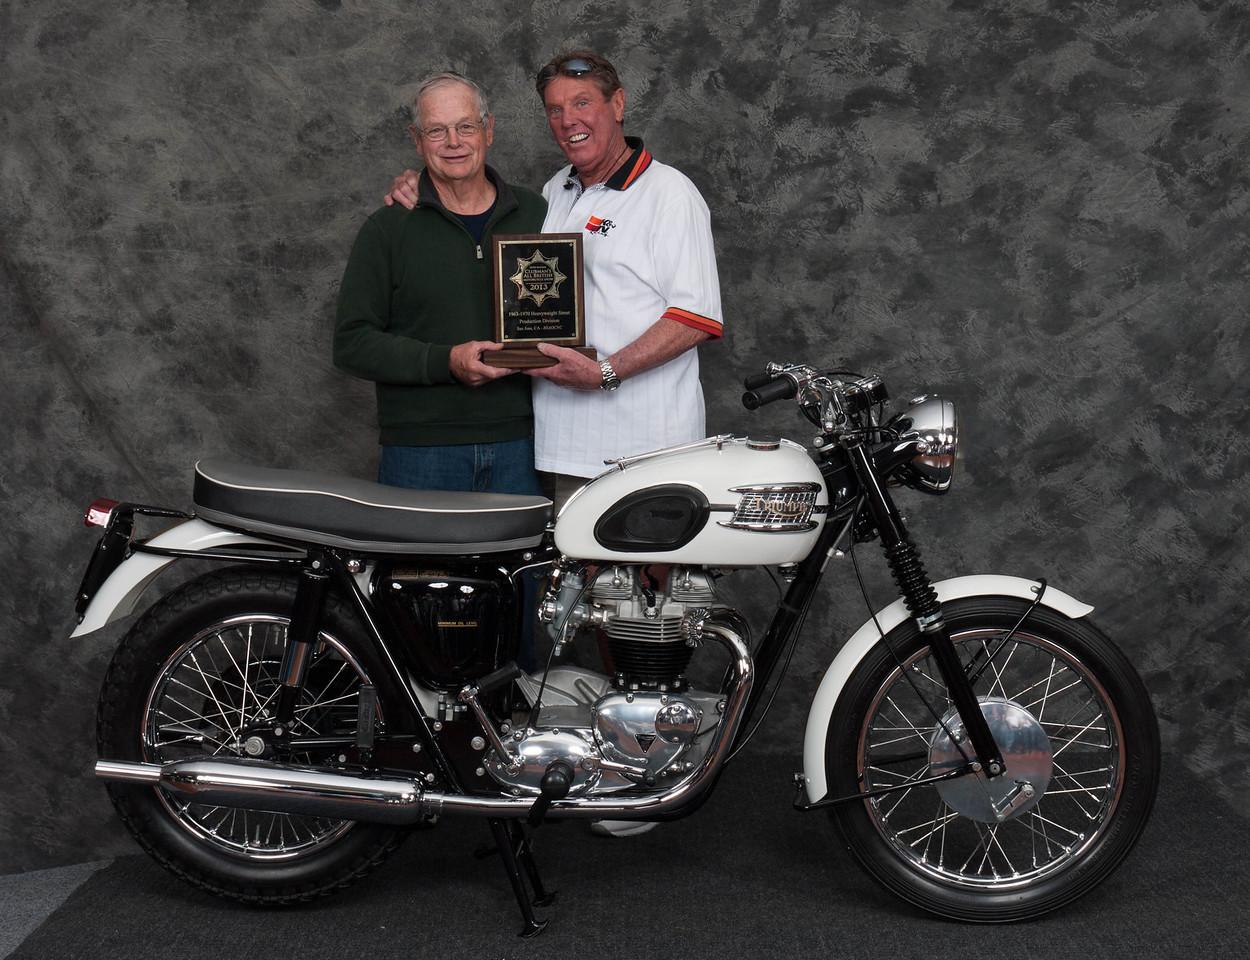 Mike Crick, Winner of Street Heavyweight 1963-1970 Production Class - 1963 Triumph Bonneville